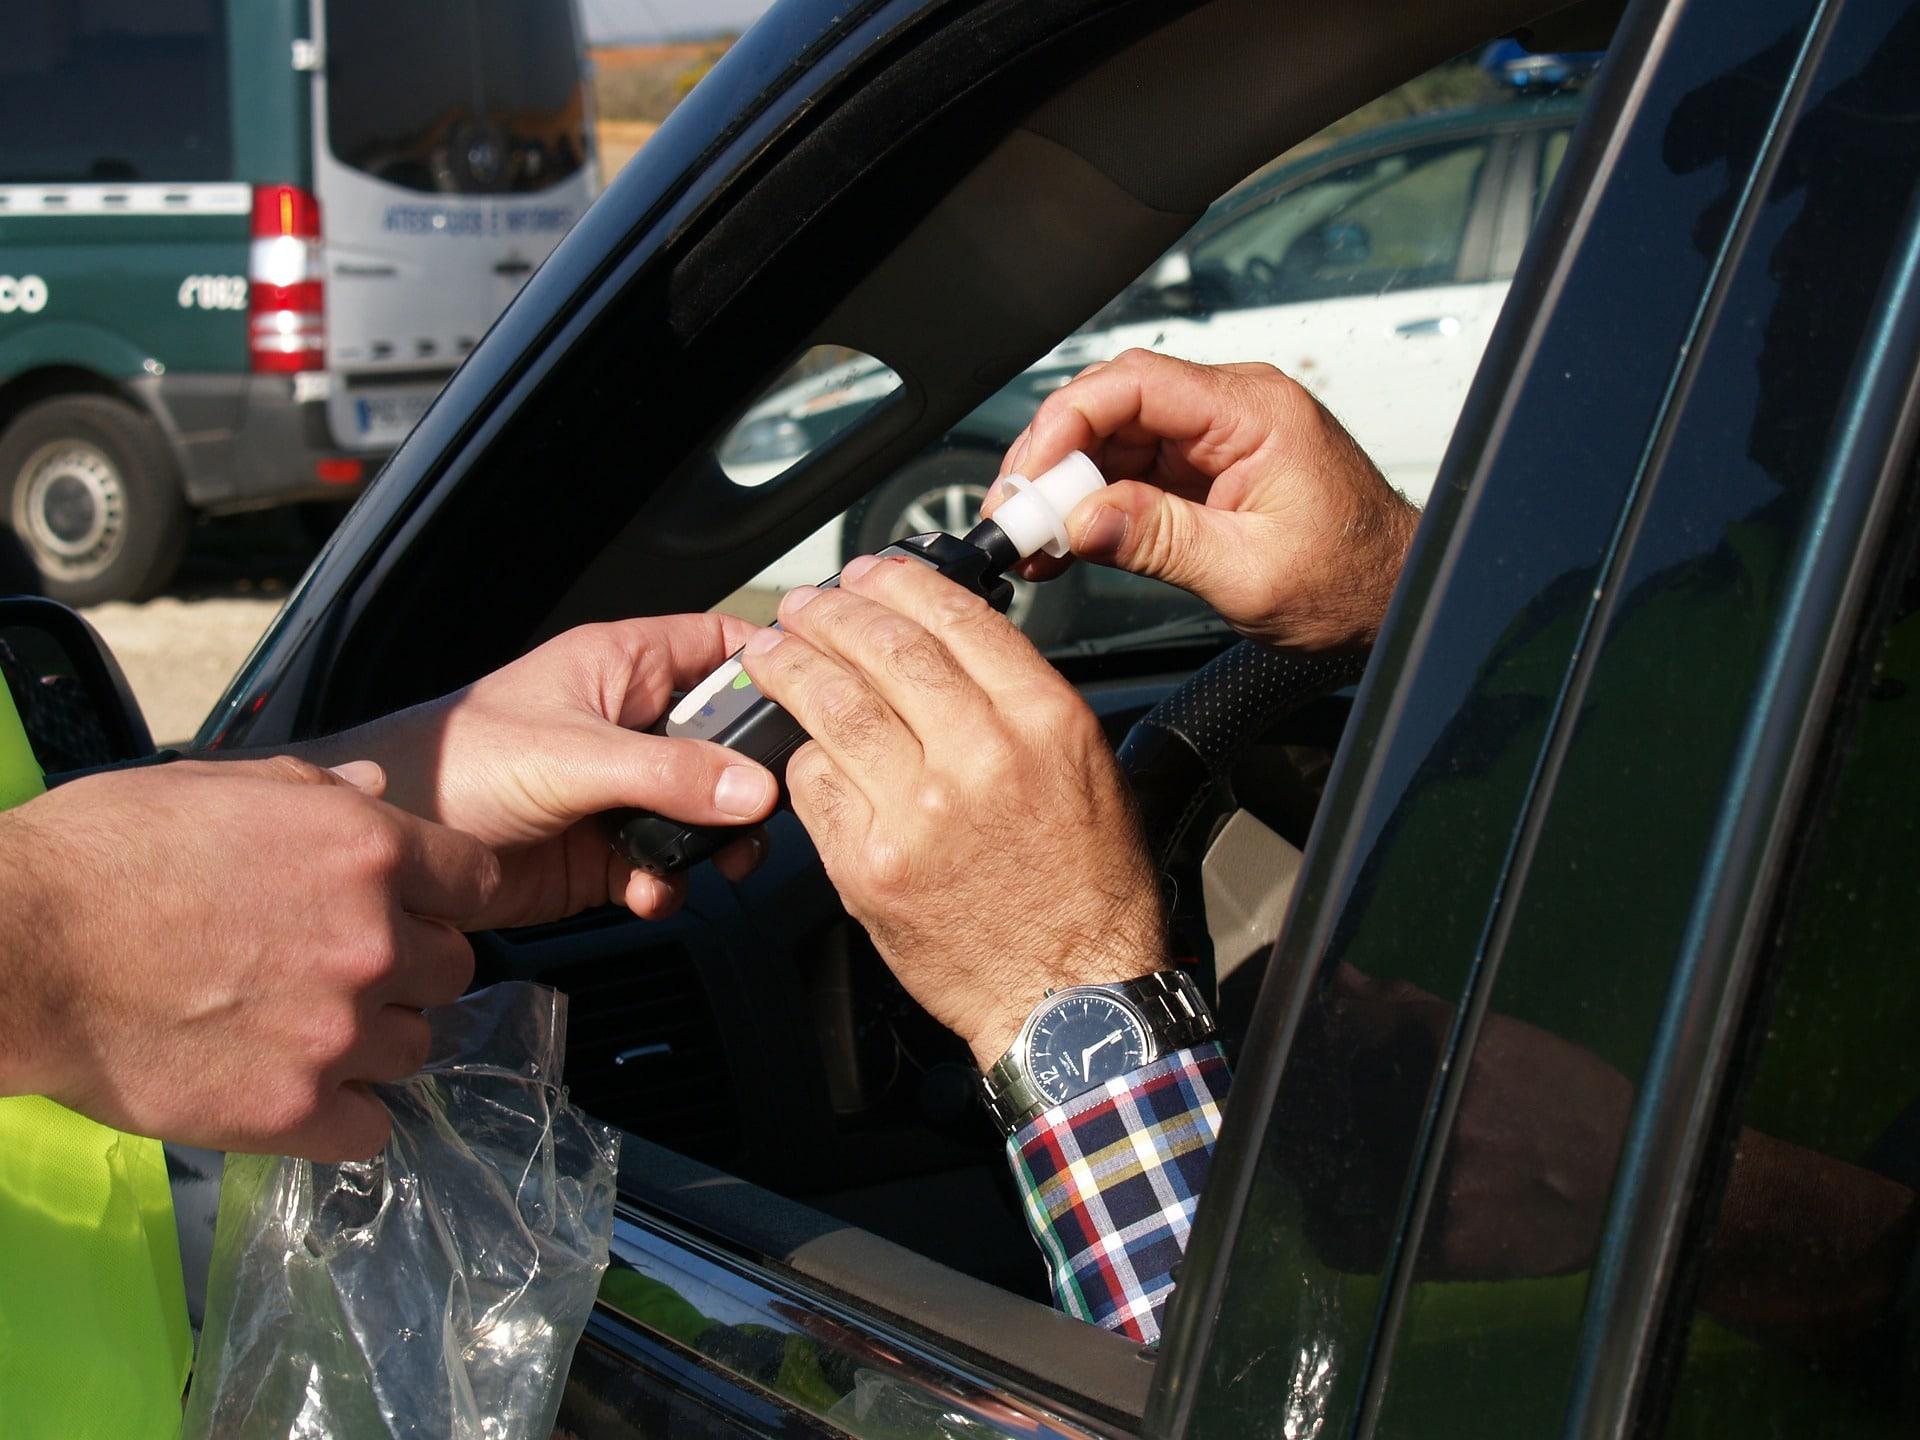 conducir bajo los efectos del alcohol